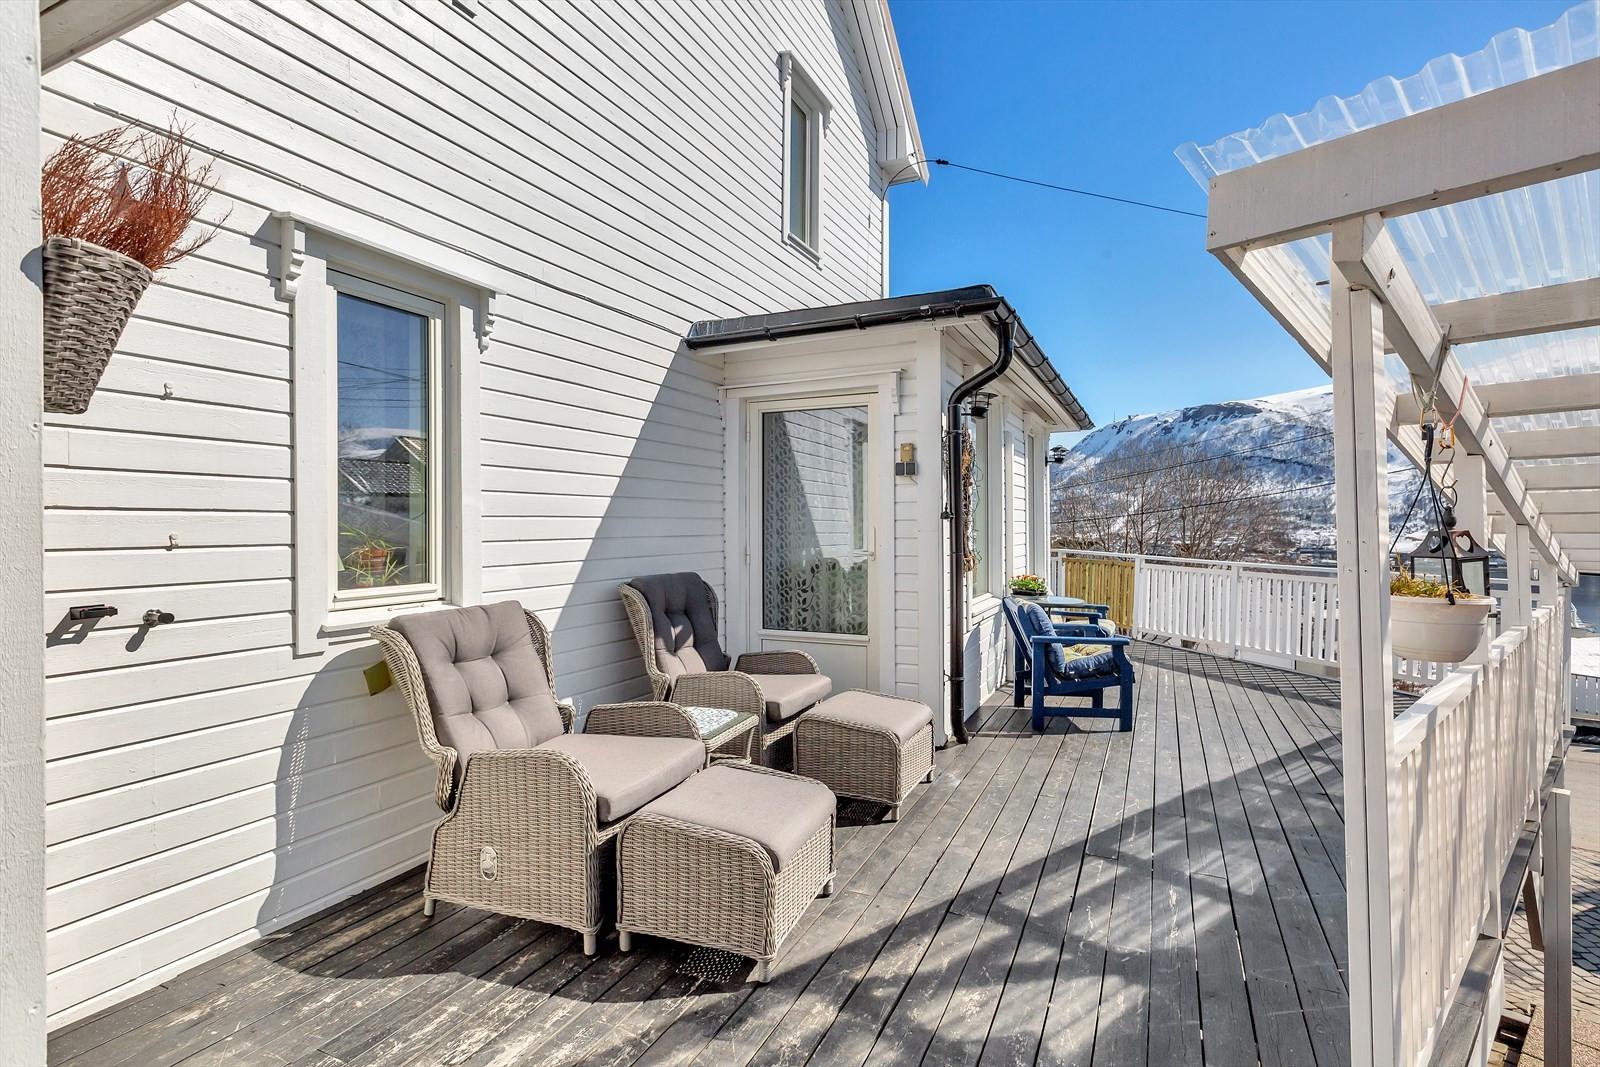 Boligen har en attraktiv beliggenhet på Sør-Tromsøya med gode solforhold en en flott utsikt!